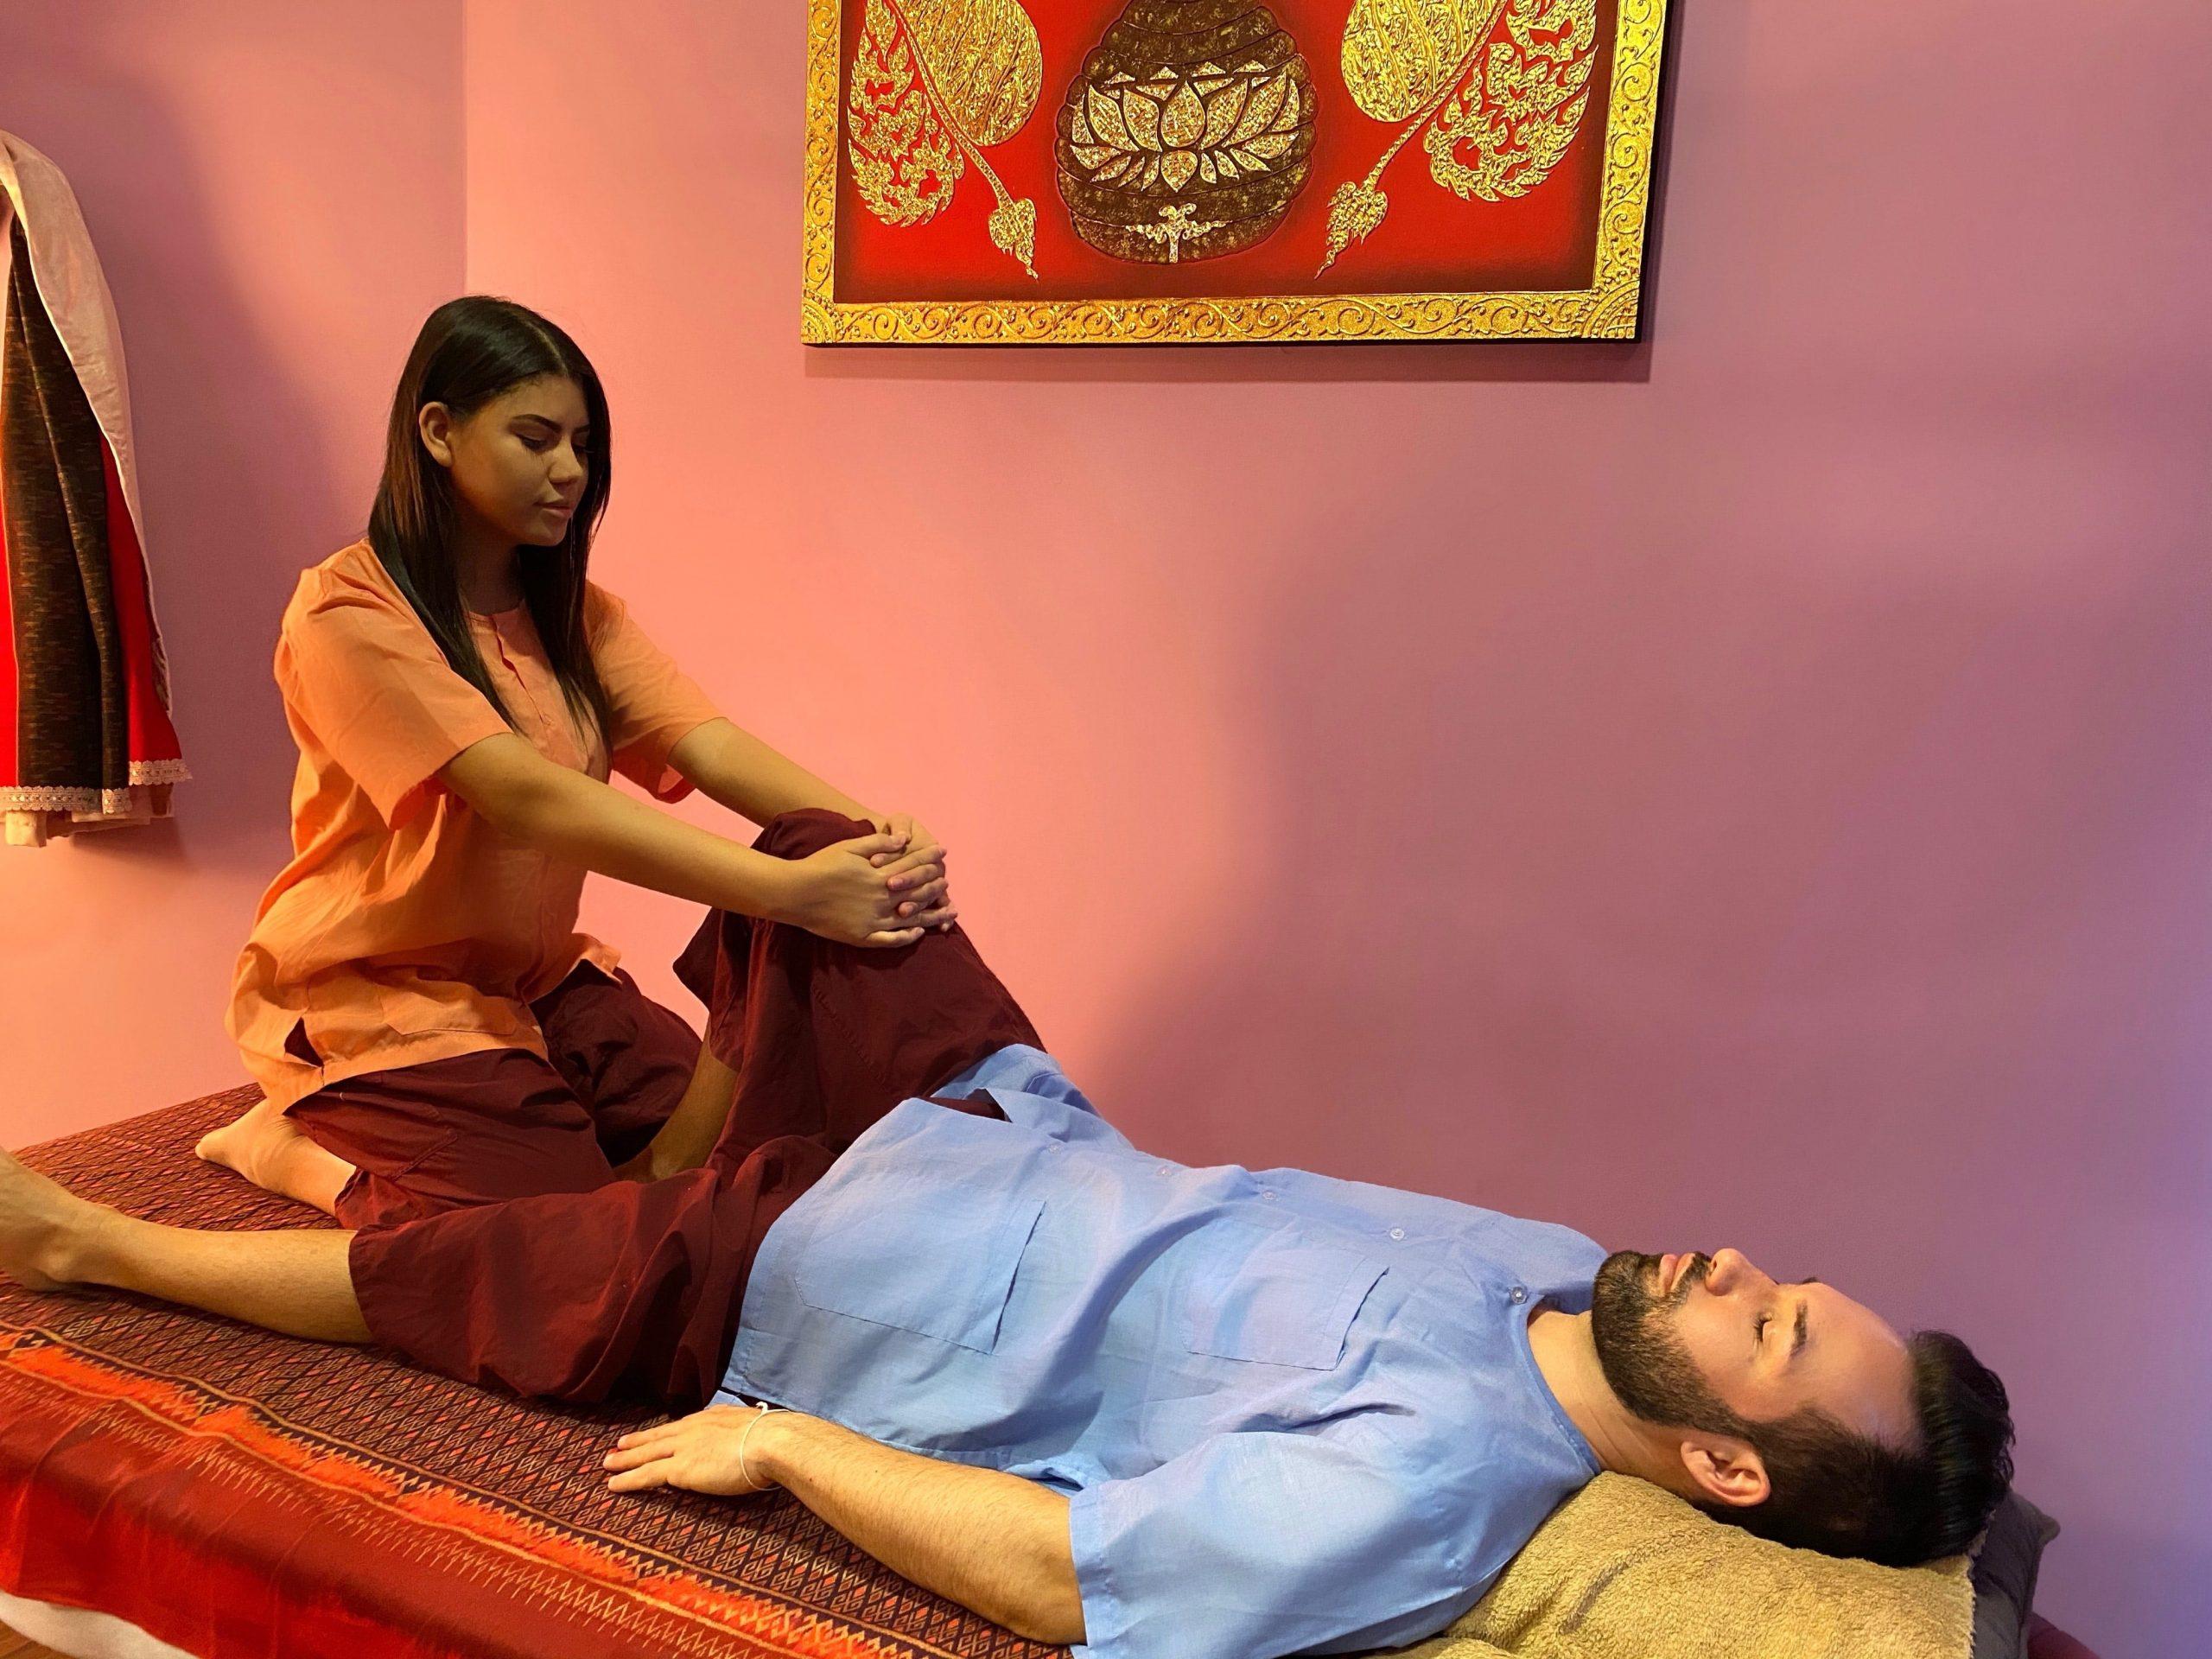 Munich asian massage 9+ Best